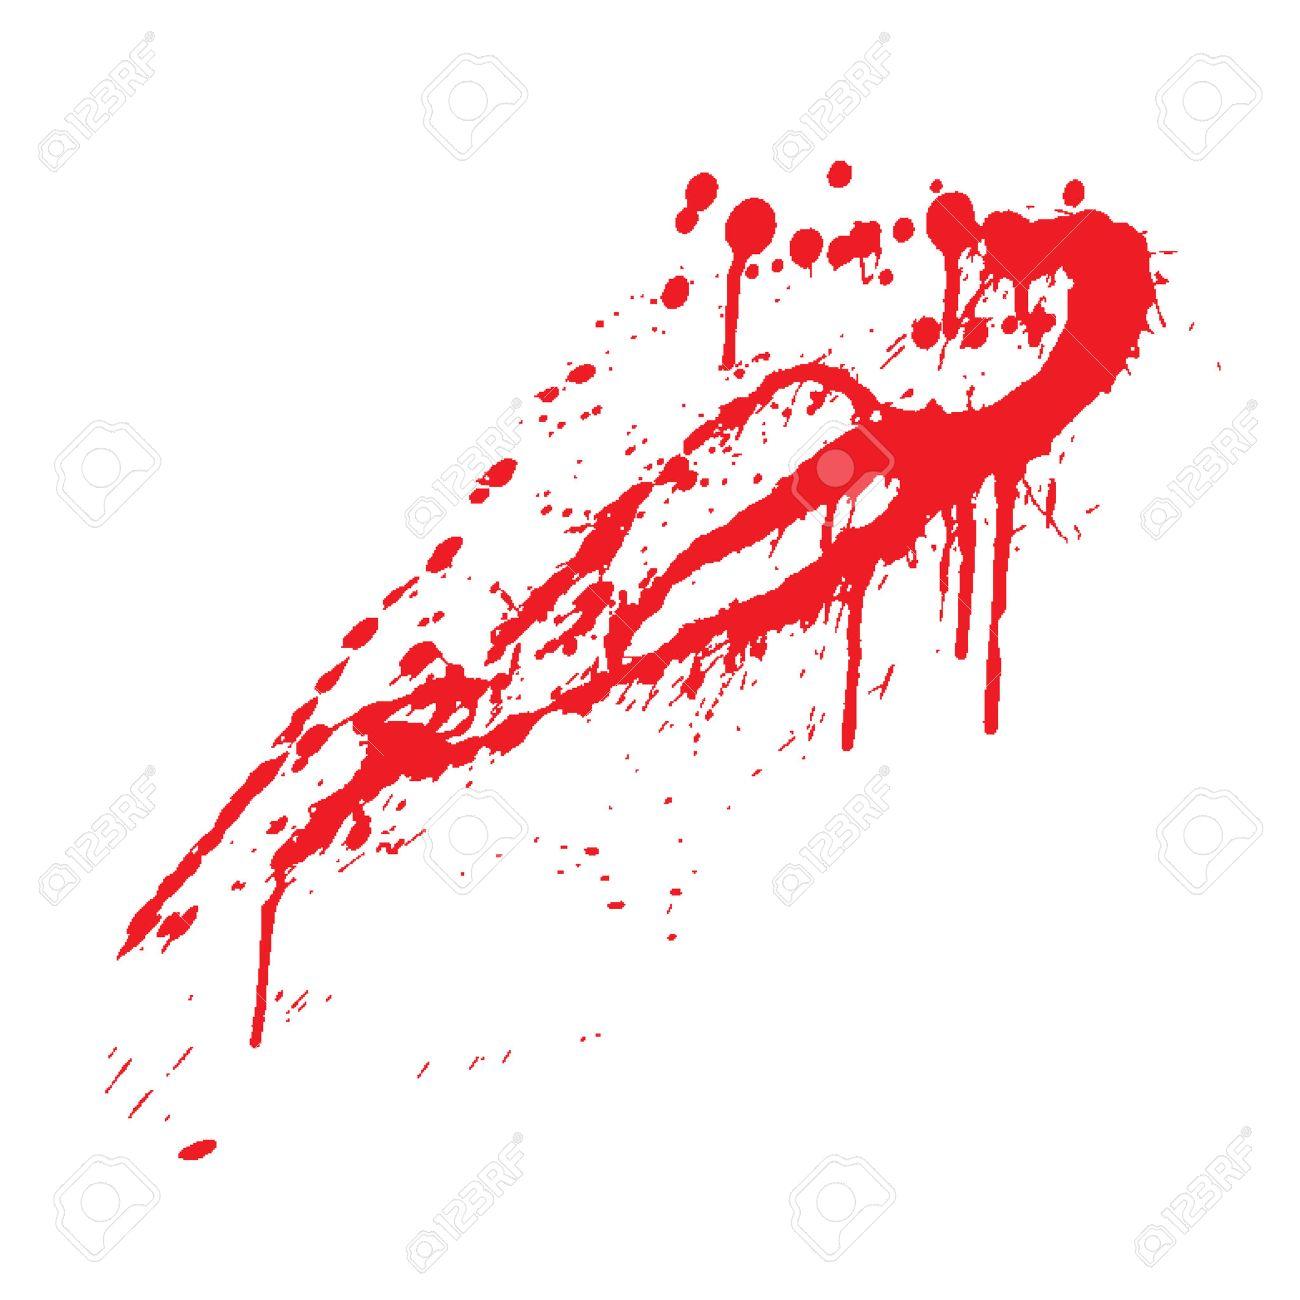 hight resolution of blood splatter vector illustration stock vector 4743742